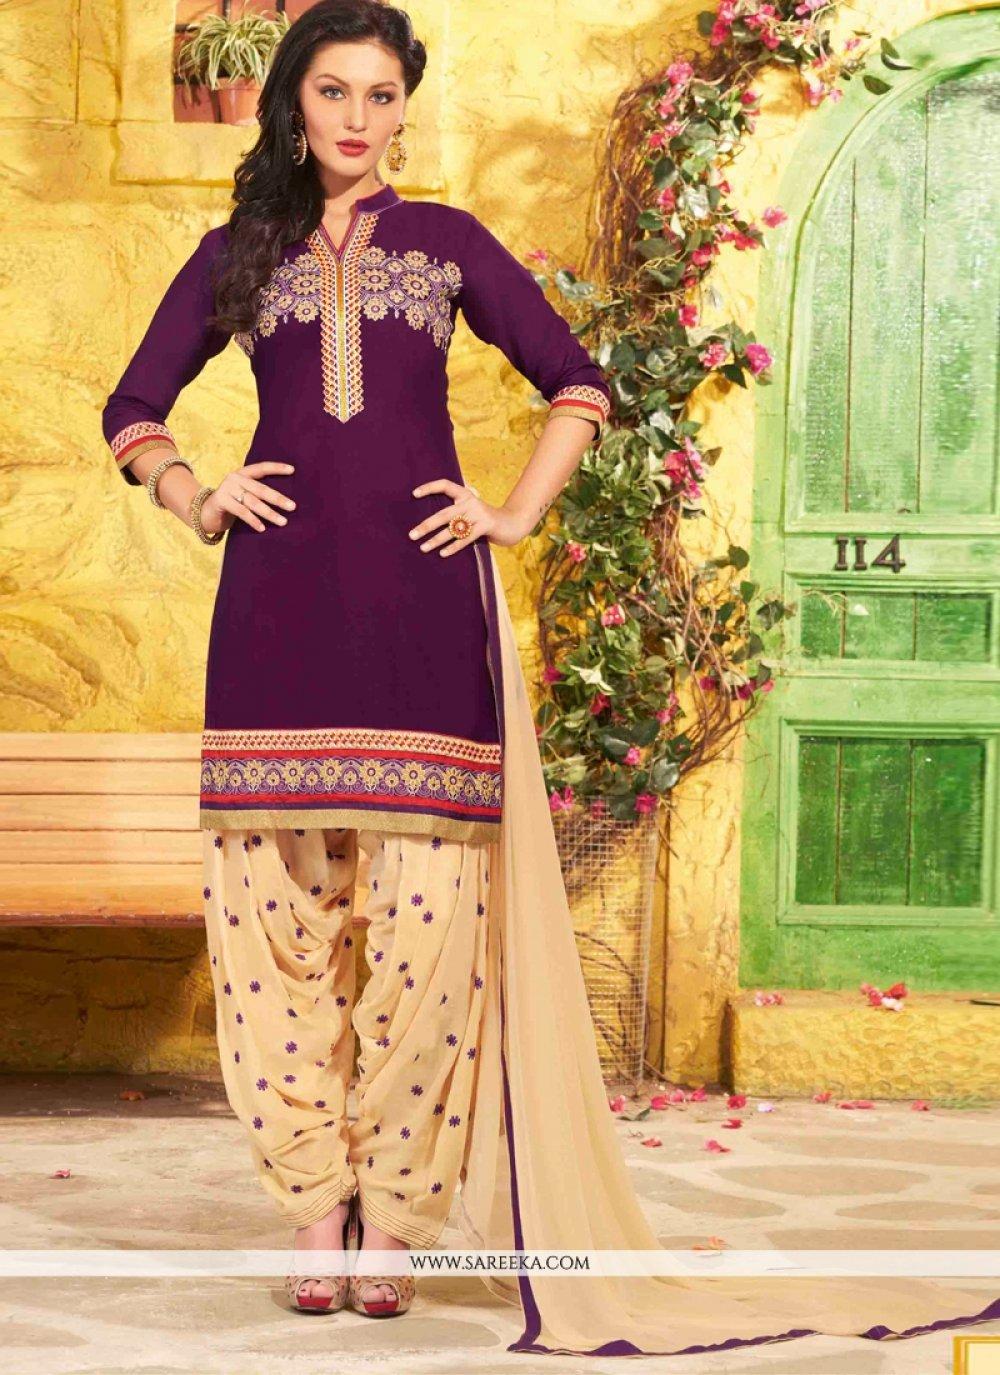 Lace Work Violet Cotton   Designer Patiala Salwar Kameez